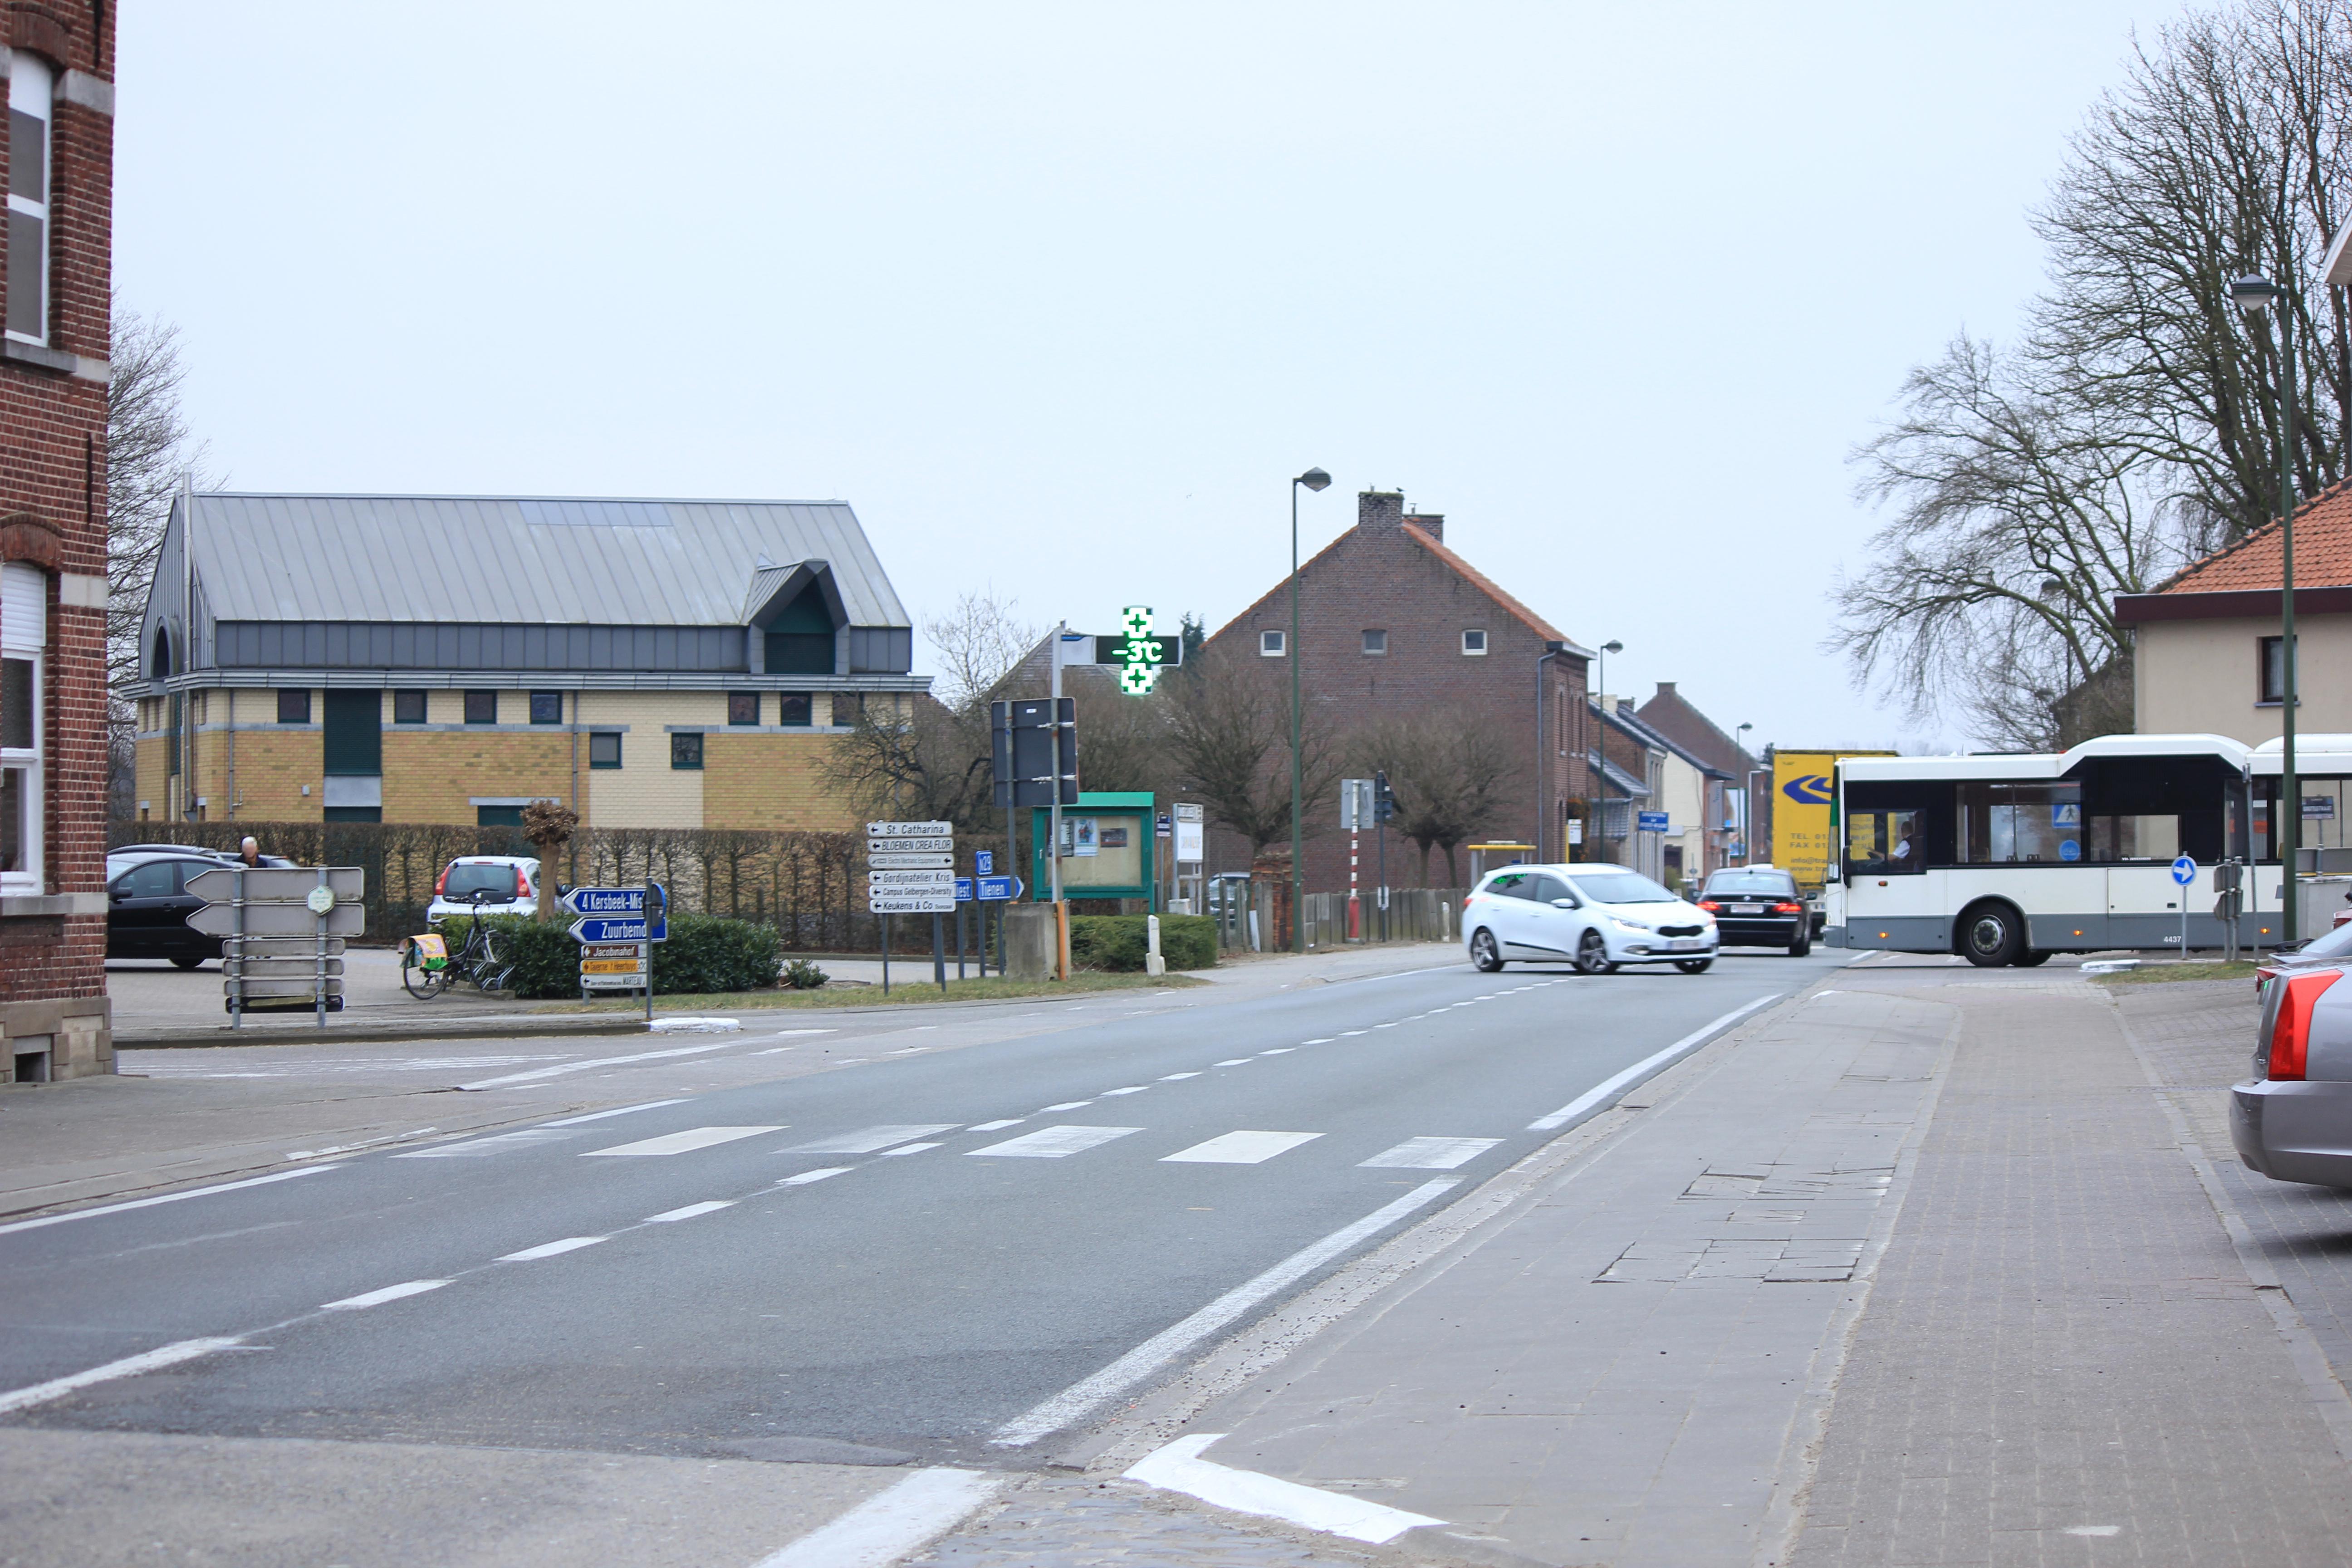 Kruispunt Tiensesteenweg (N29), Grotestraat en Zuurbemde